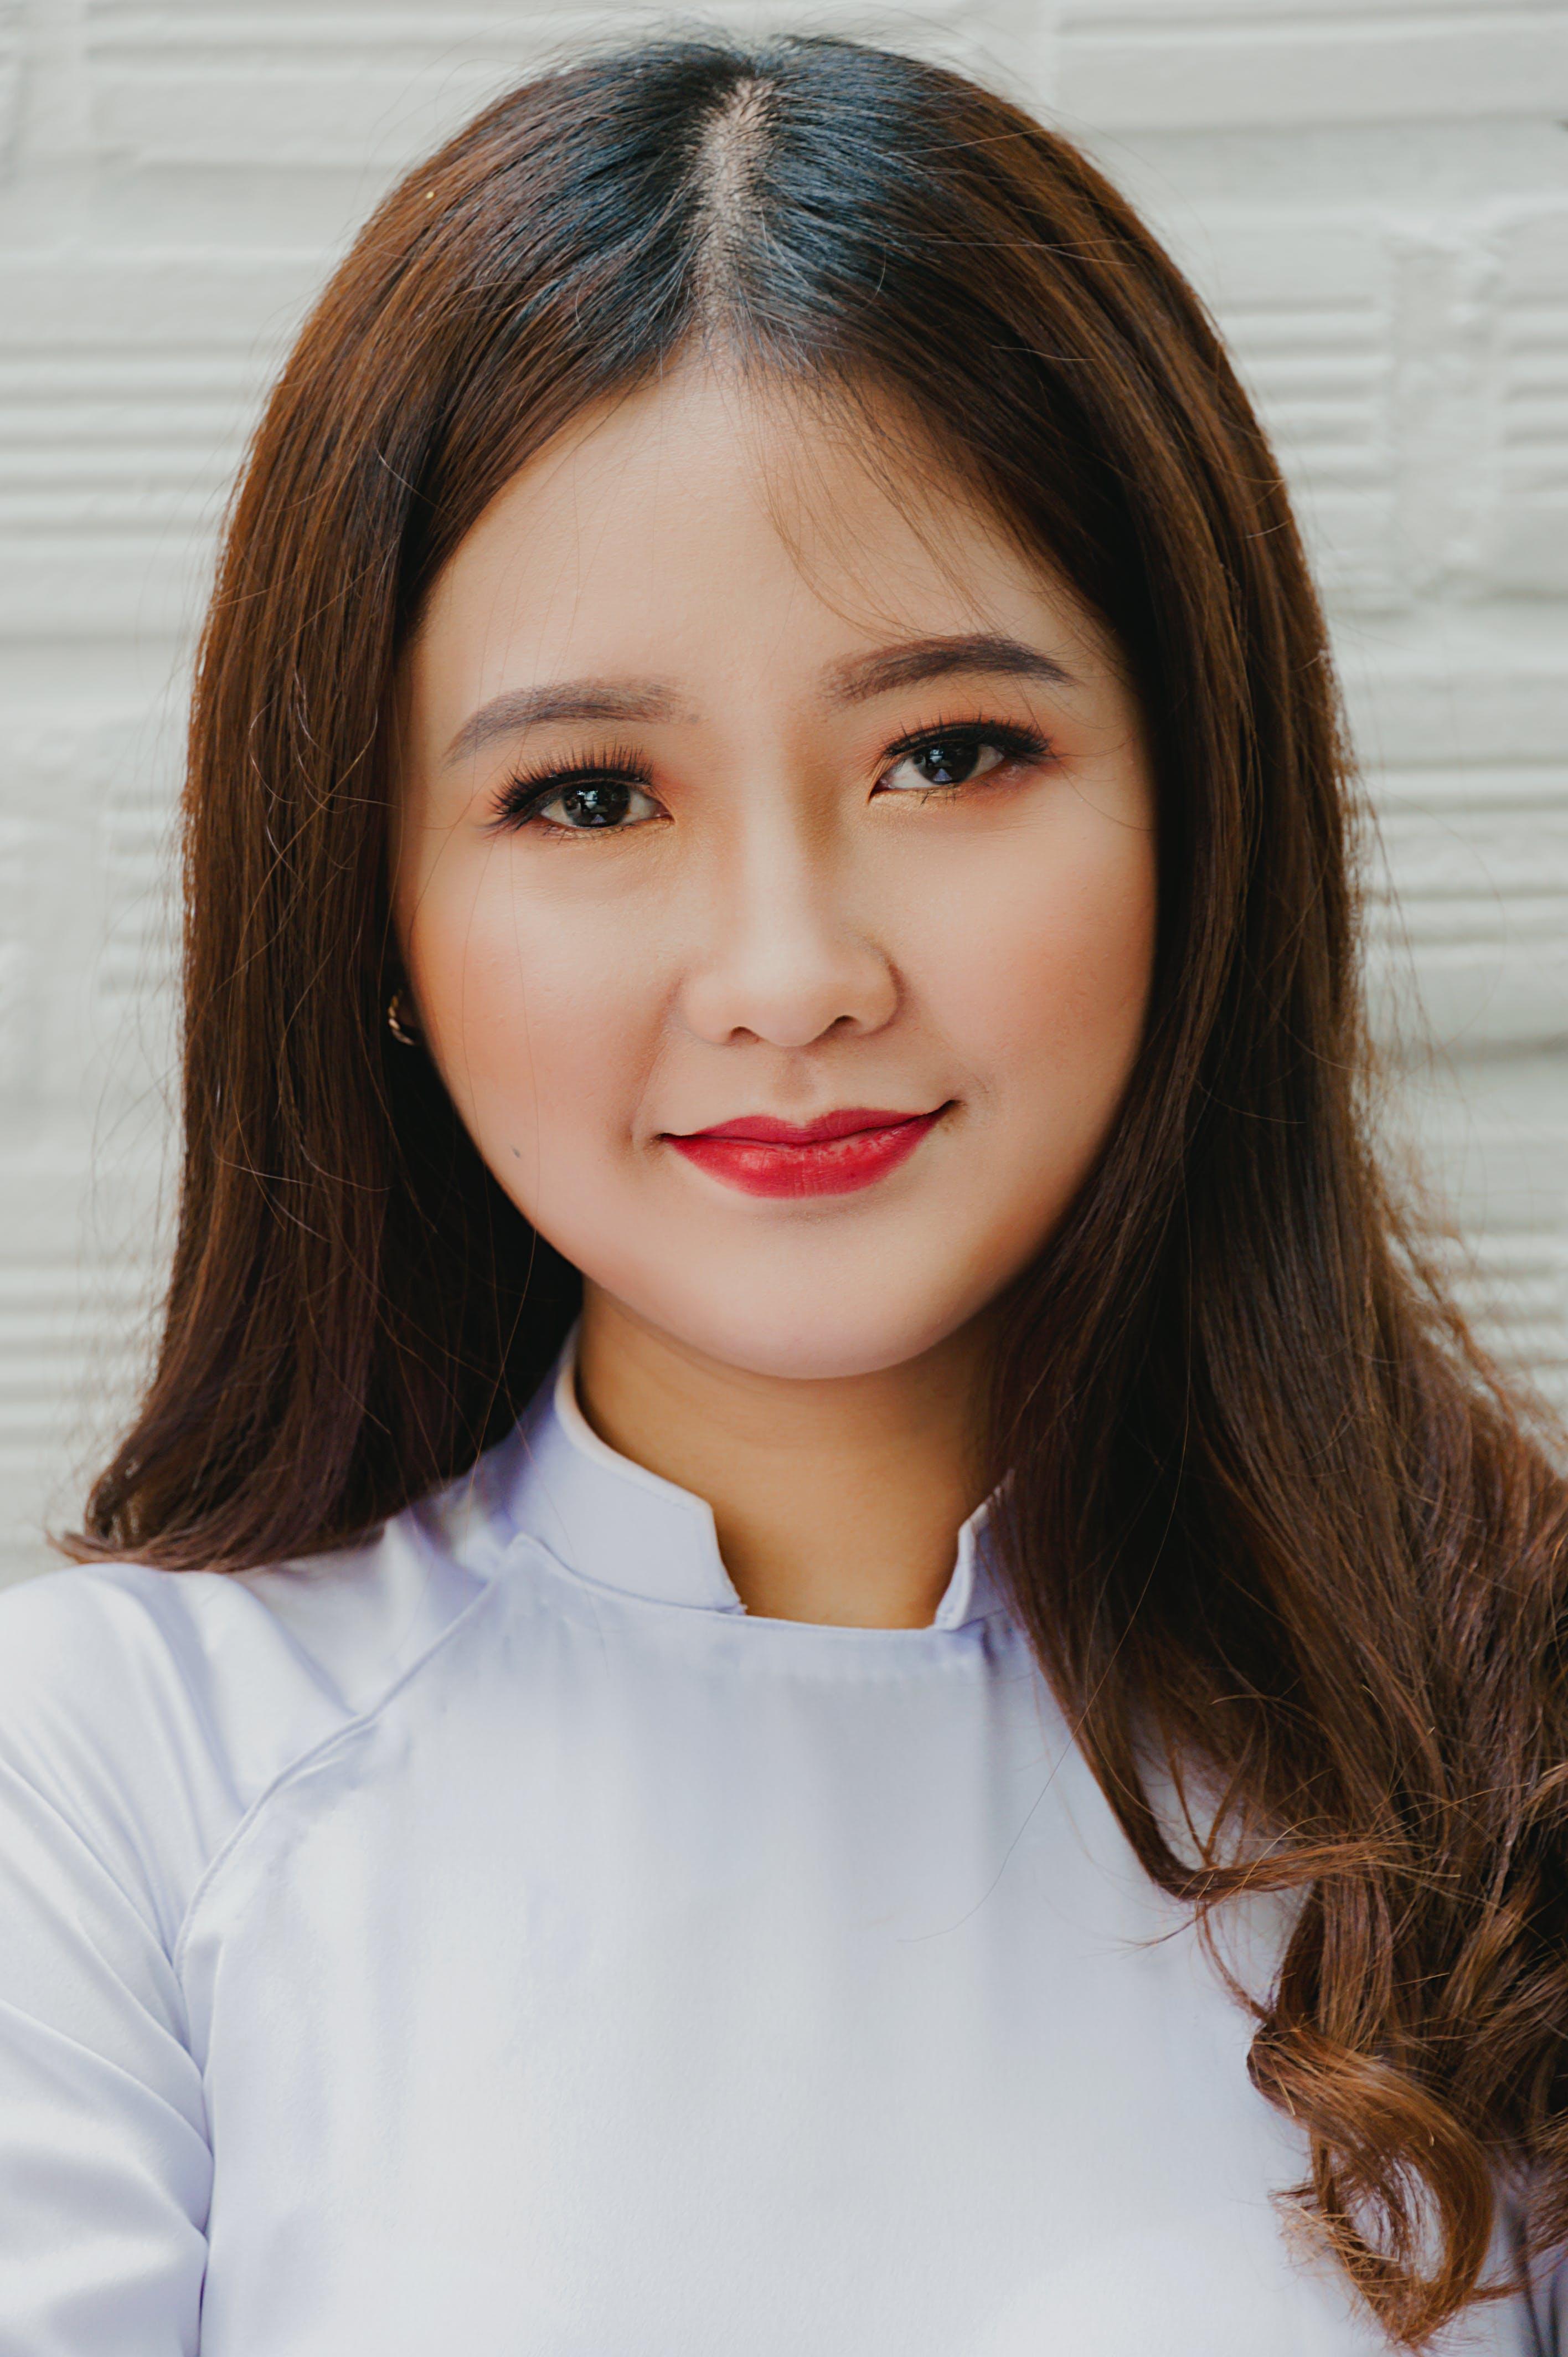 Gratis lagerfoto af ansigtsudtryk, asiatisk kvinde, Asiatisk pige, close-up